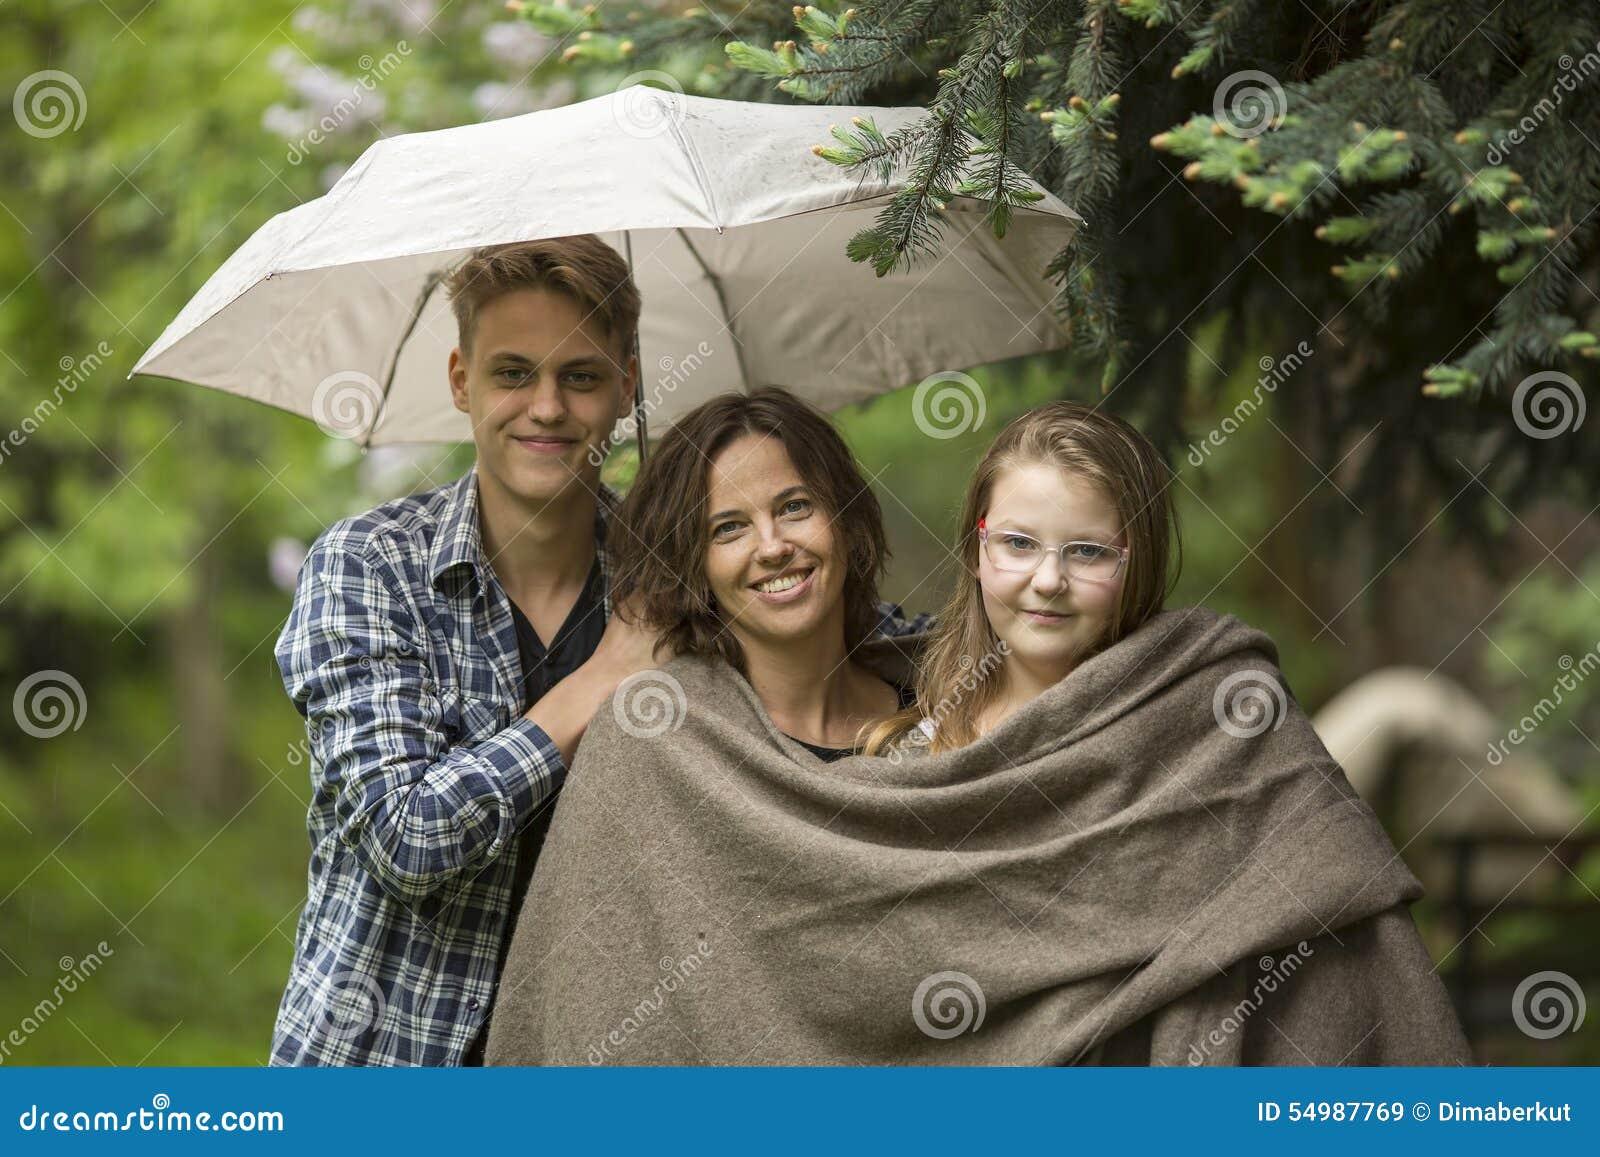 Kvinna med deras vuxna barn, dotter och son, i parkera under ett paraply Lyckligt